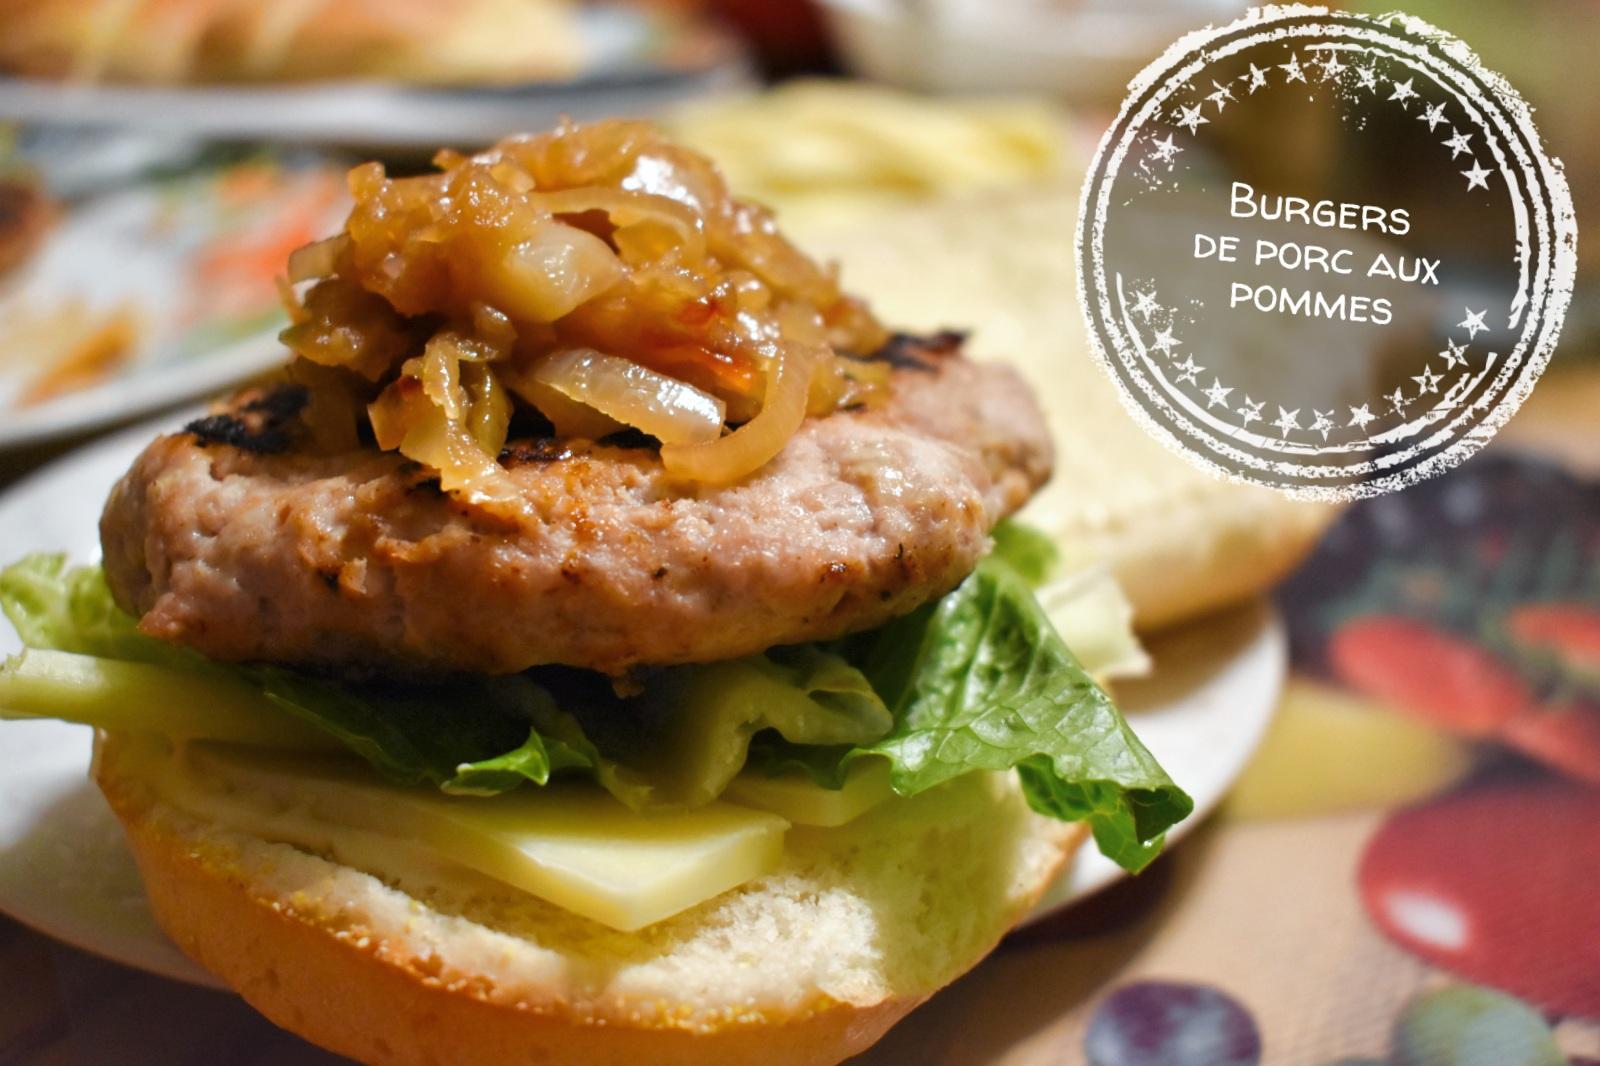 Burgers de porc aux pommes - Auboutdelalangue.com (7)